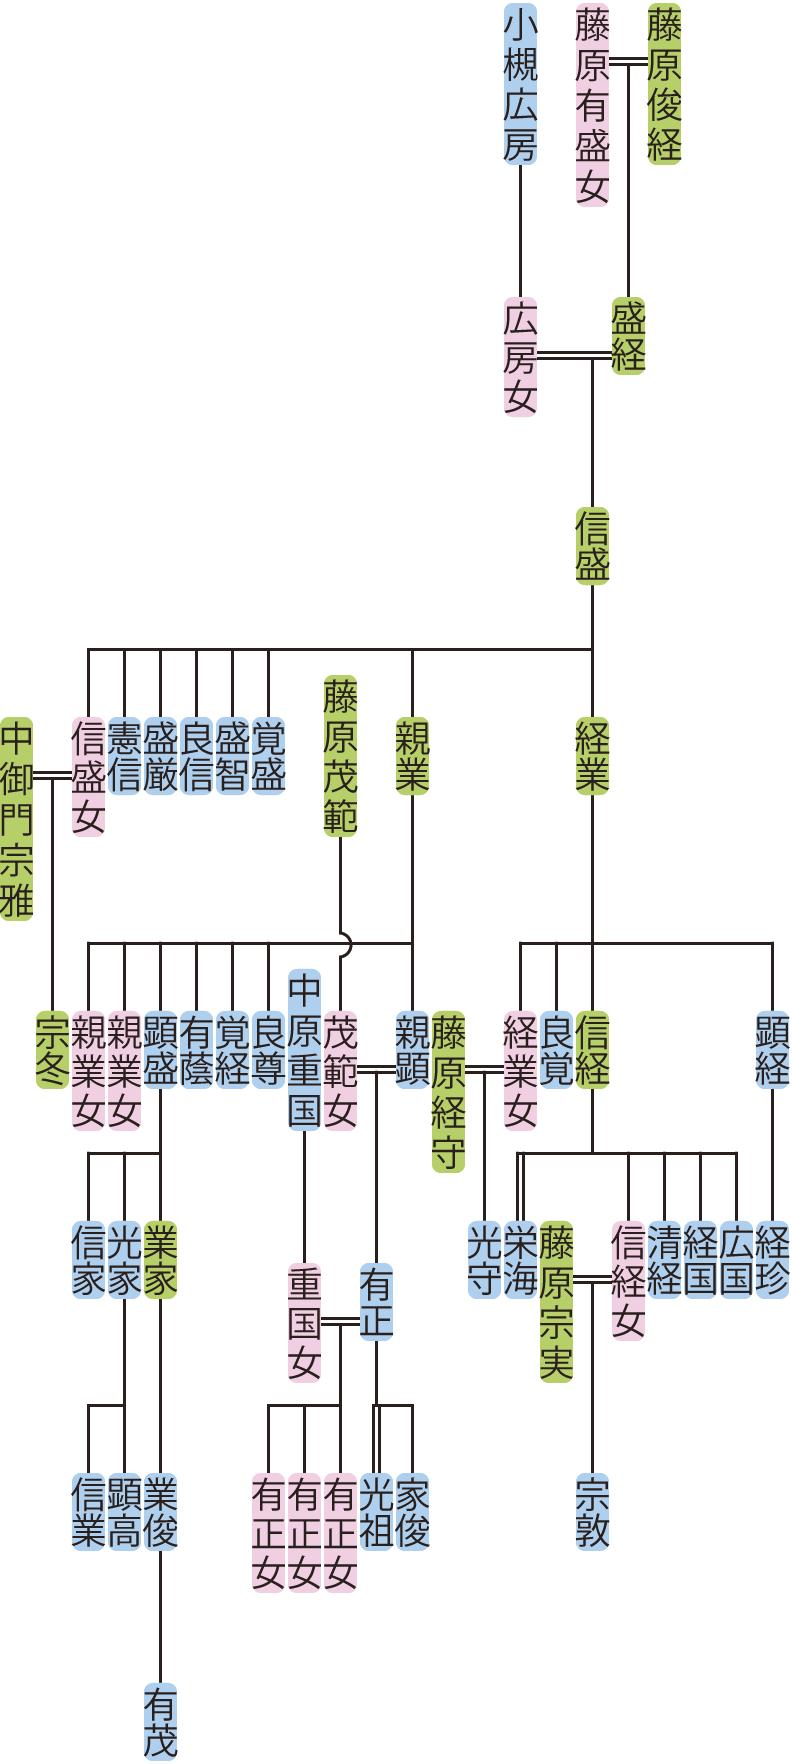 藤原信盛の系図